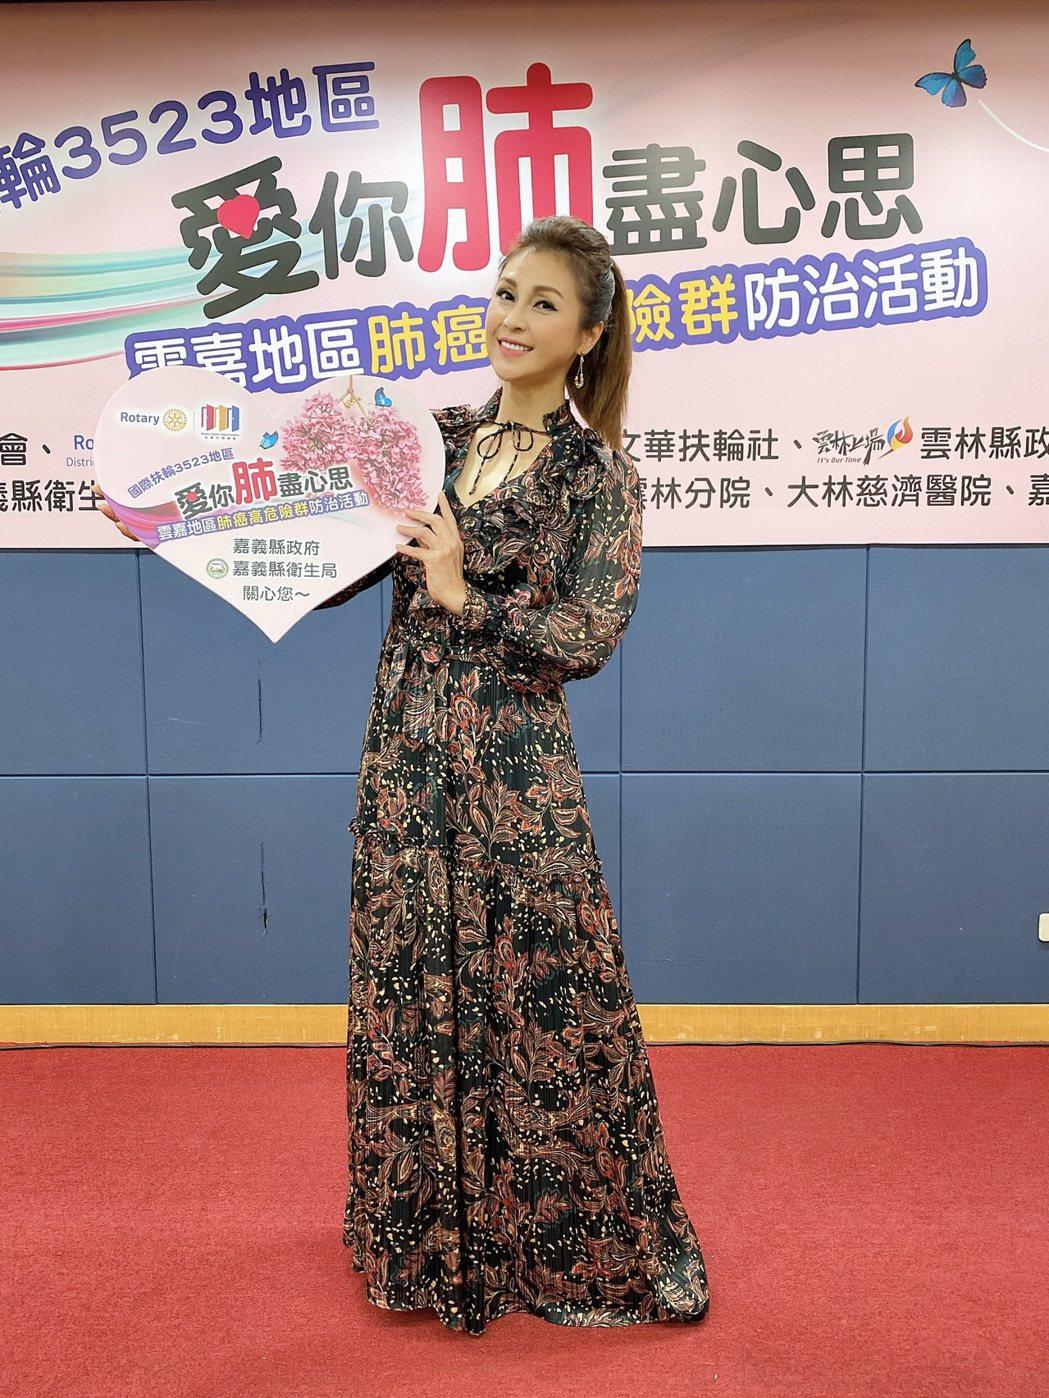 梁佑南出席「愛你肺盡心思」呼籲維護身體健康。圖/民視提供